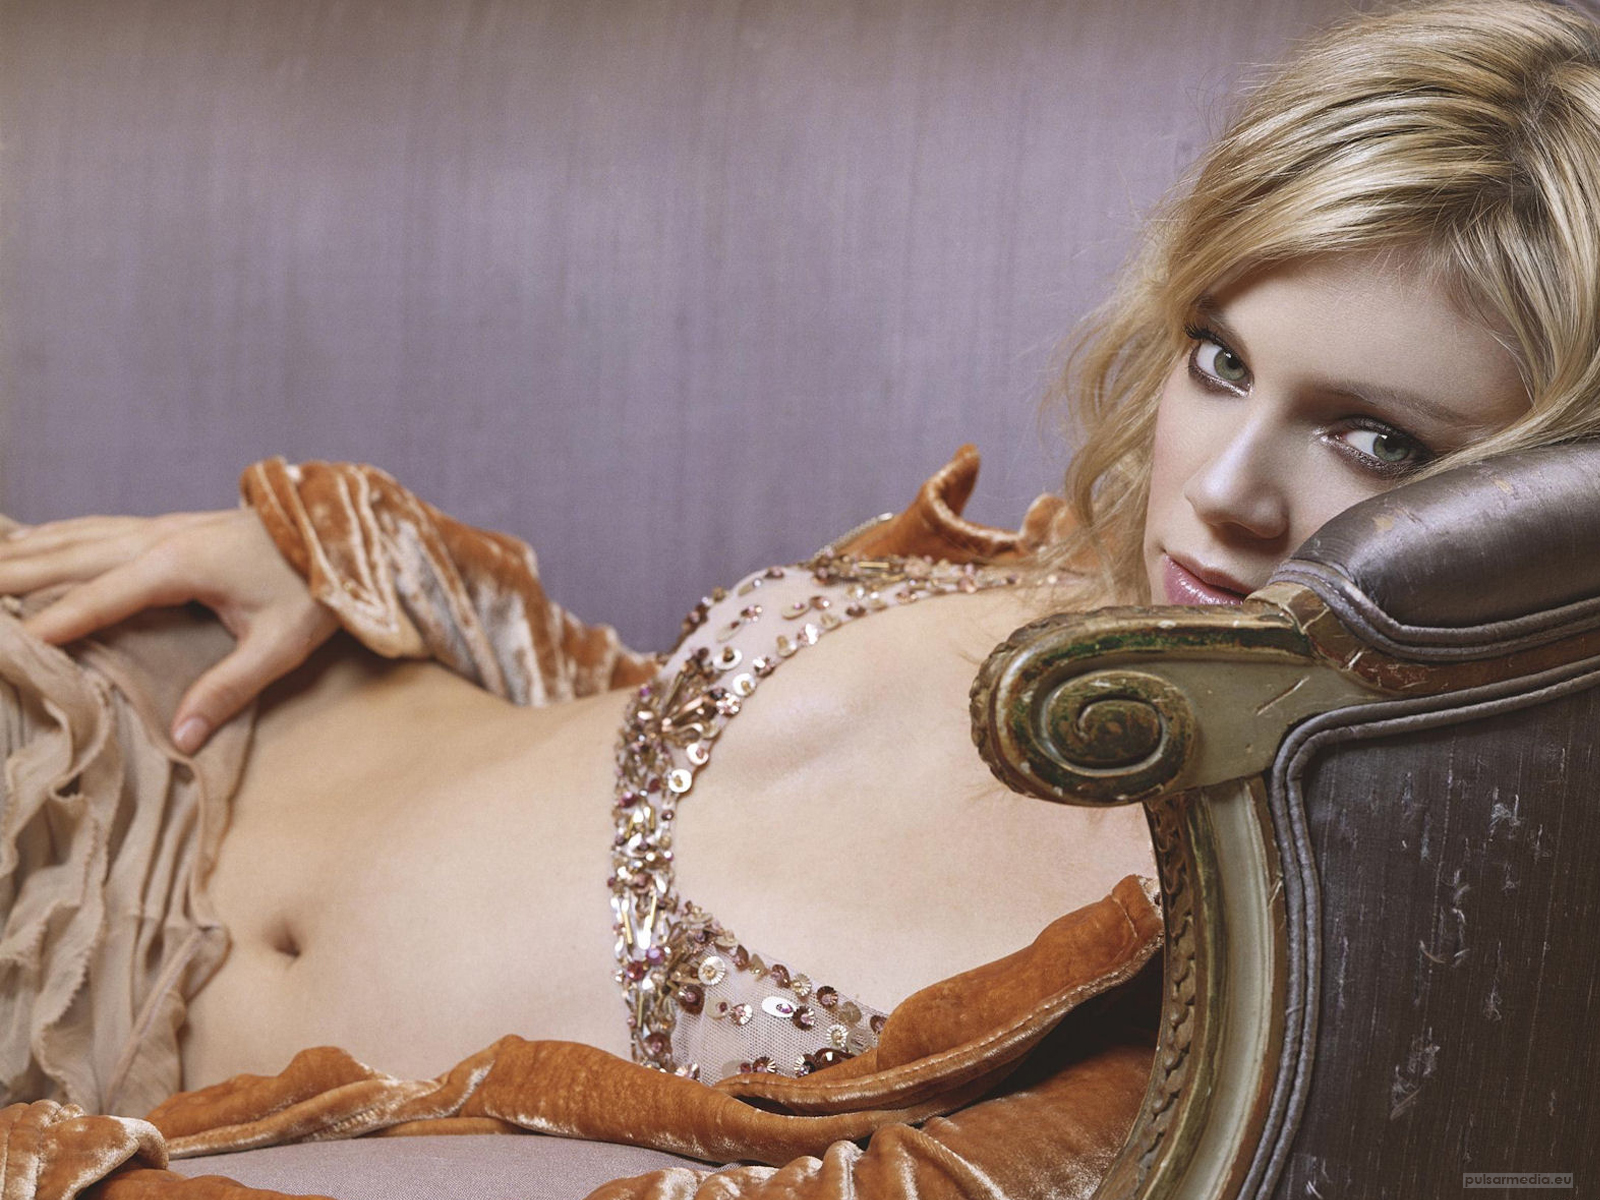 http://4.bp.blogspot.com/-VgqvqOBgYA8/T1ynalnKzvI/AAAAAAAAAao/UF3Y4eYACE8/s1600/Amy+Smart-Wallpapers-4.jpg